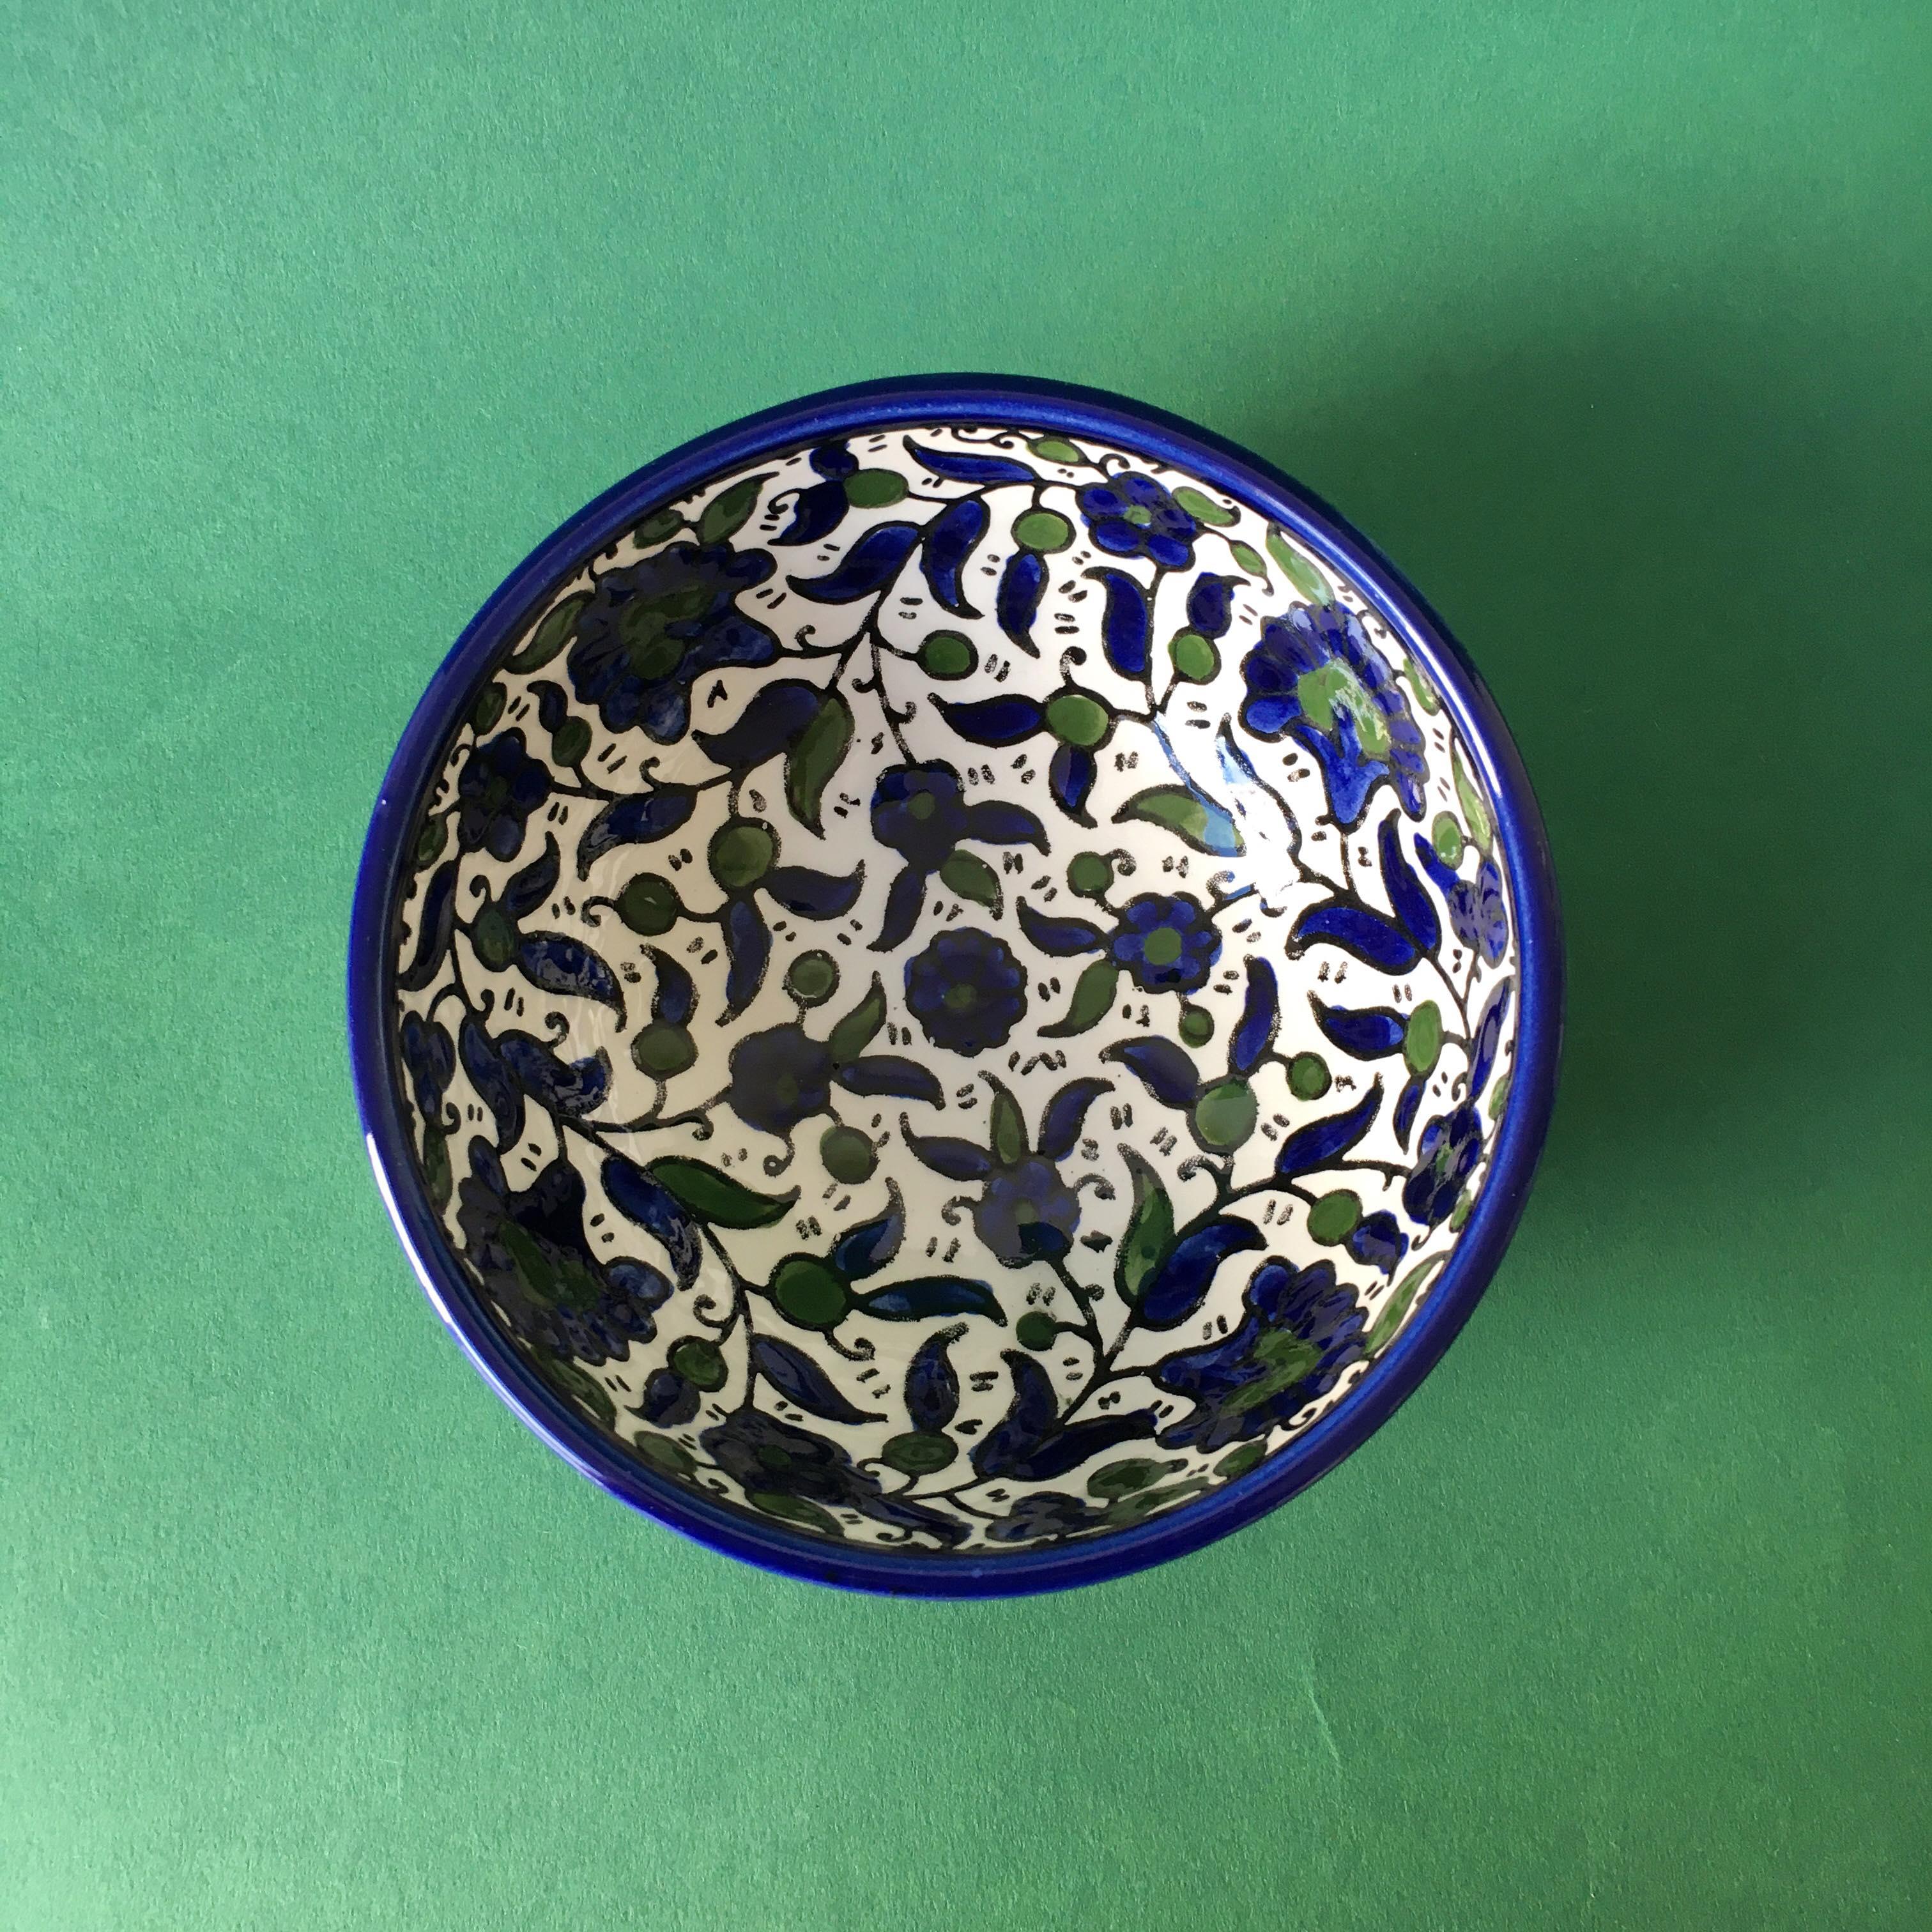 Keramikkskål, blå og grønn